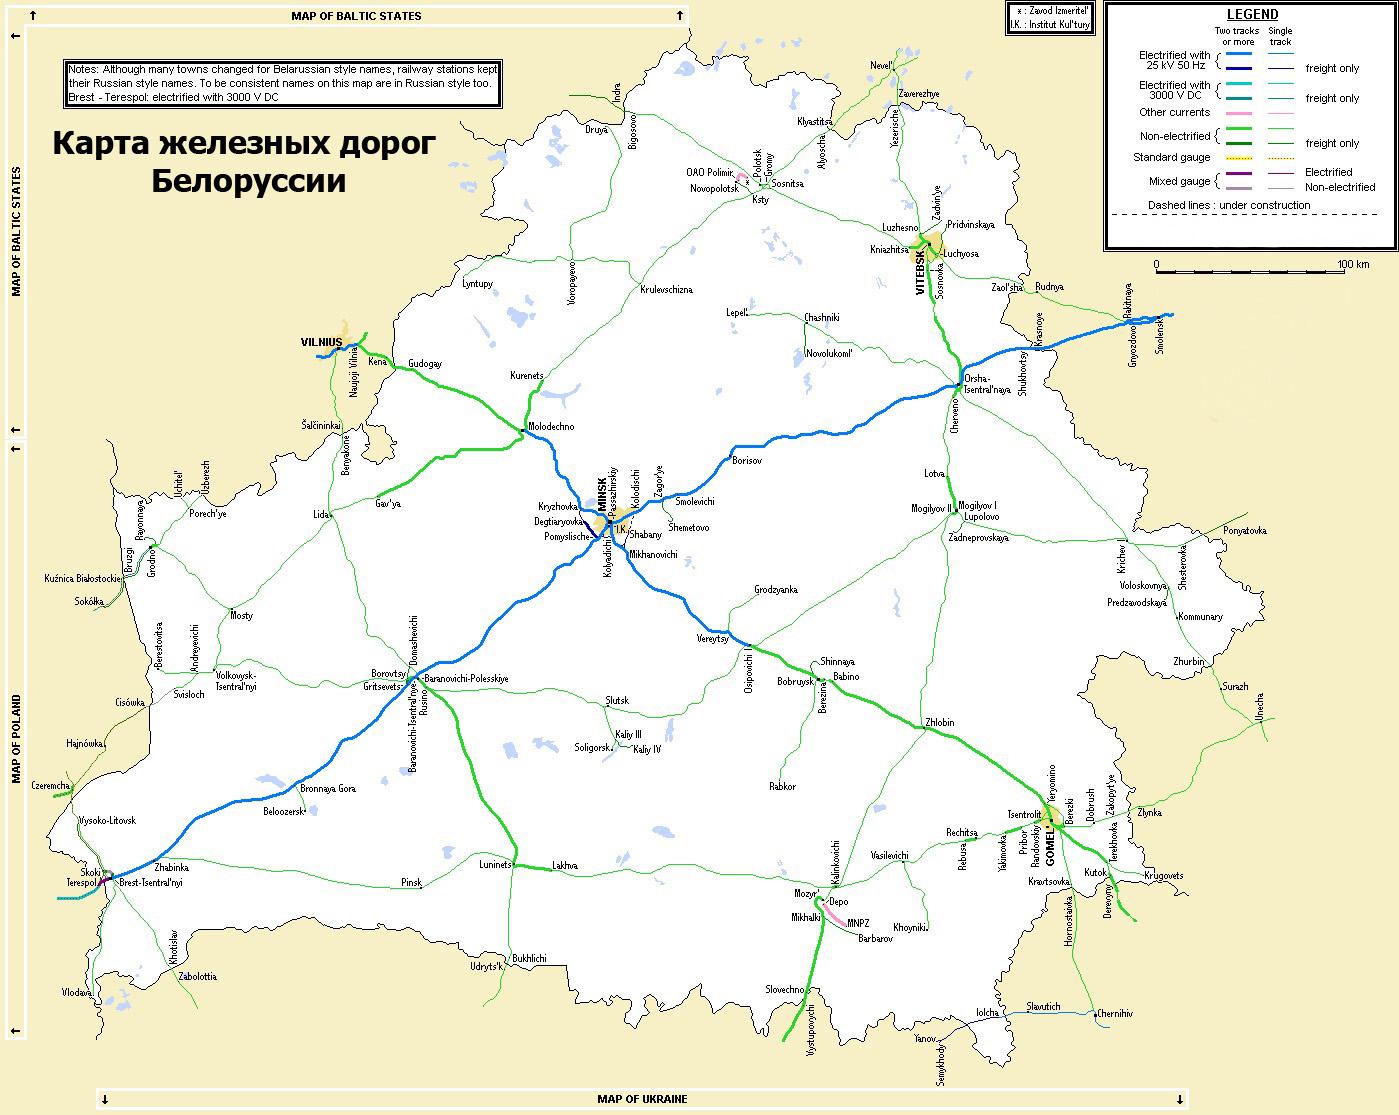 Карта железных дорог Белоруссии